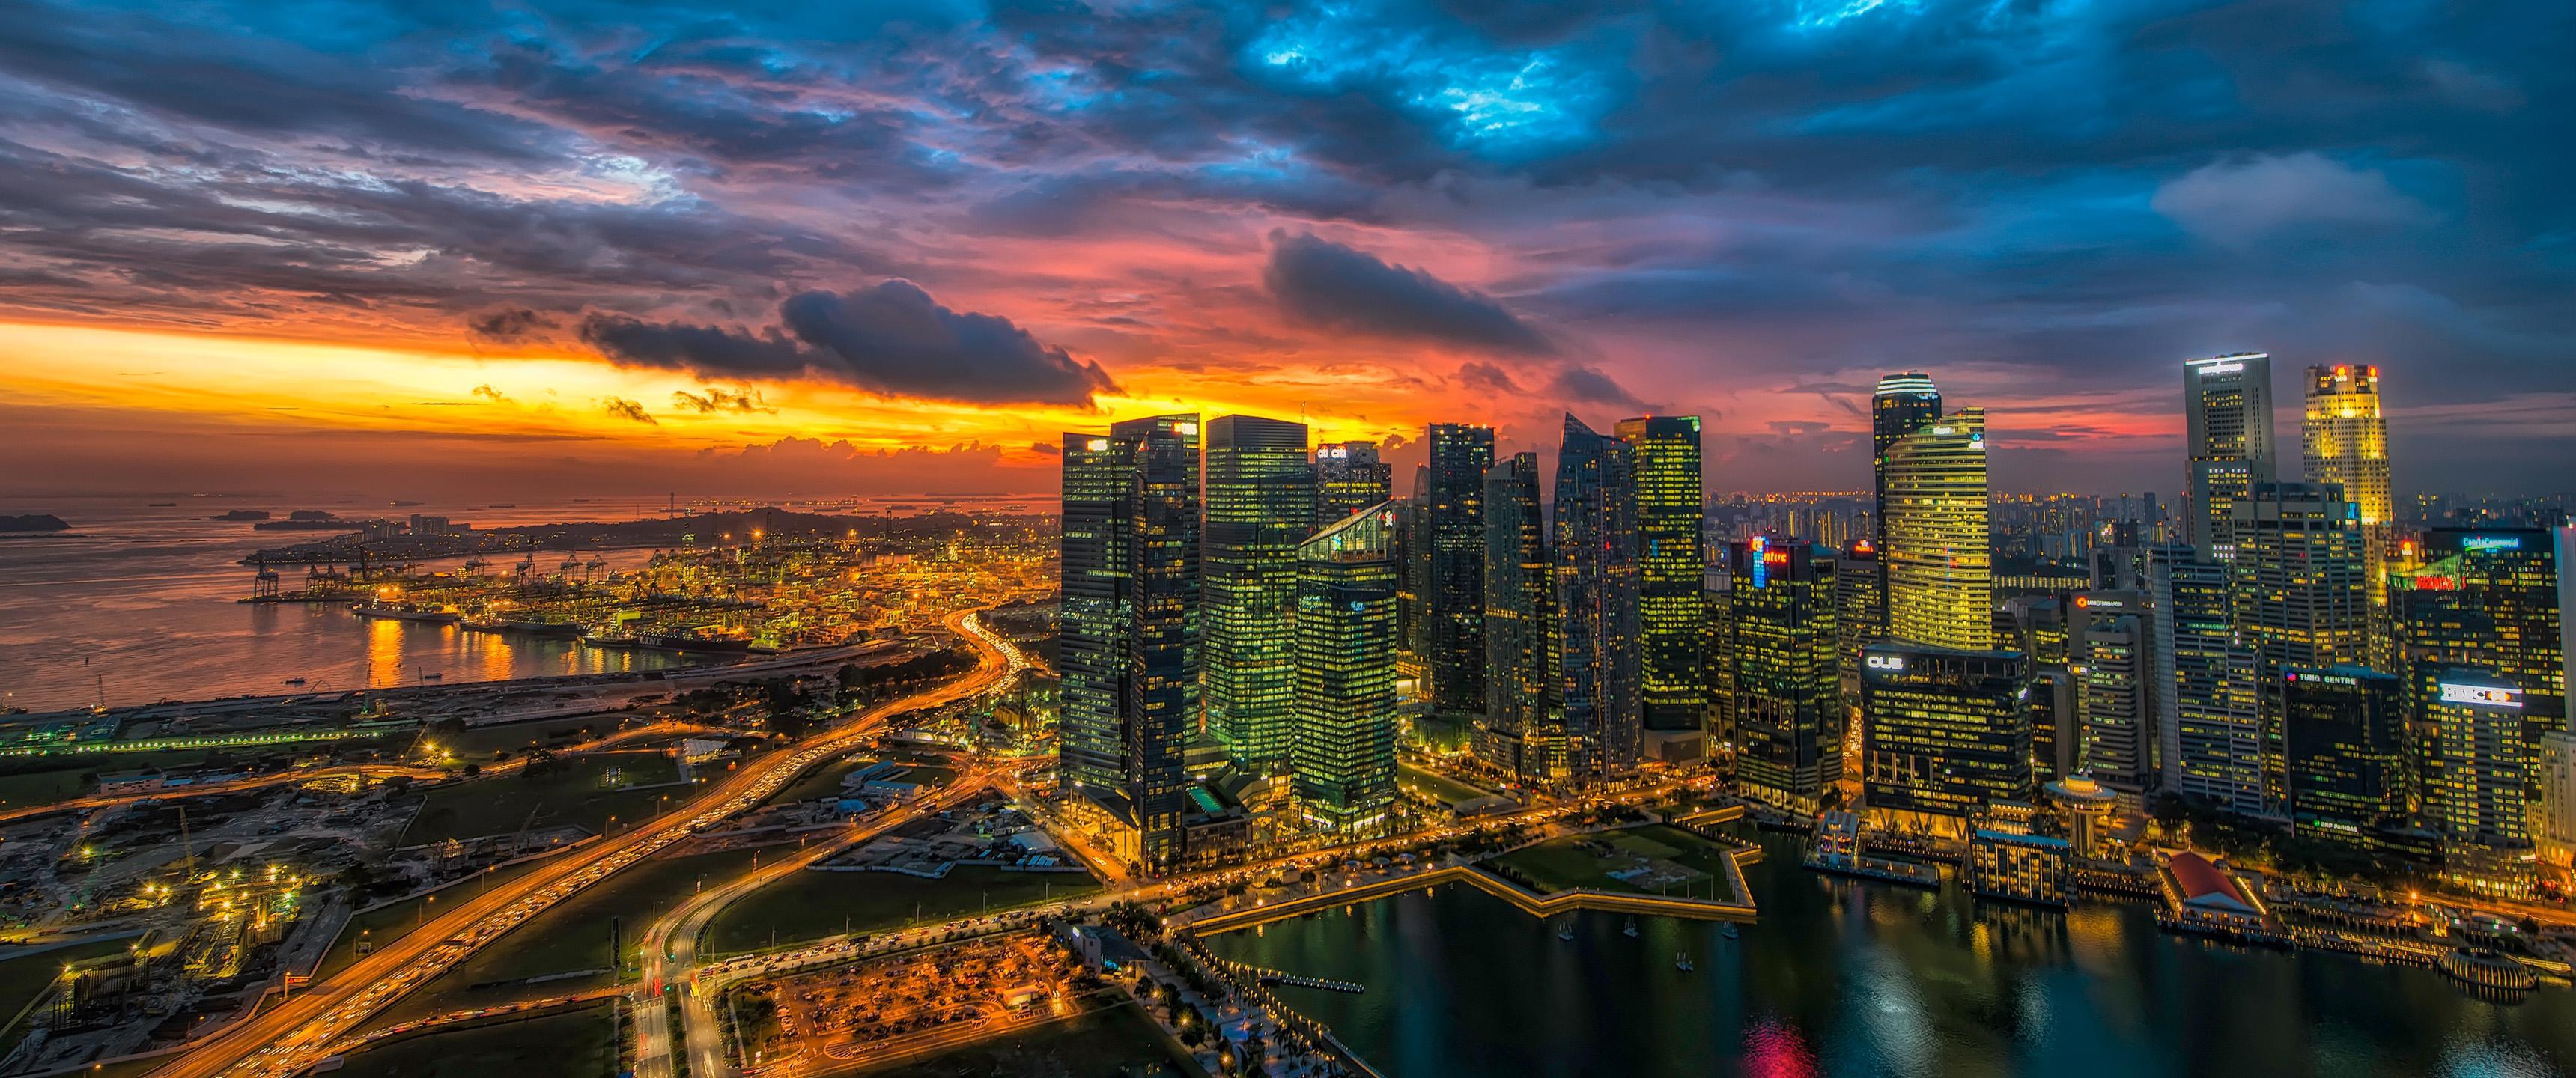 glowing singapore 21 9 wallpaper ultrawide monitor 21 9